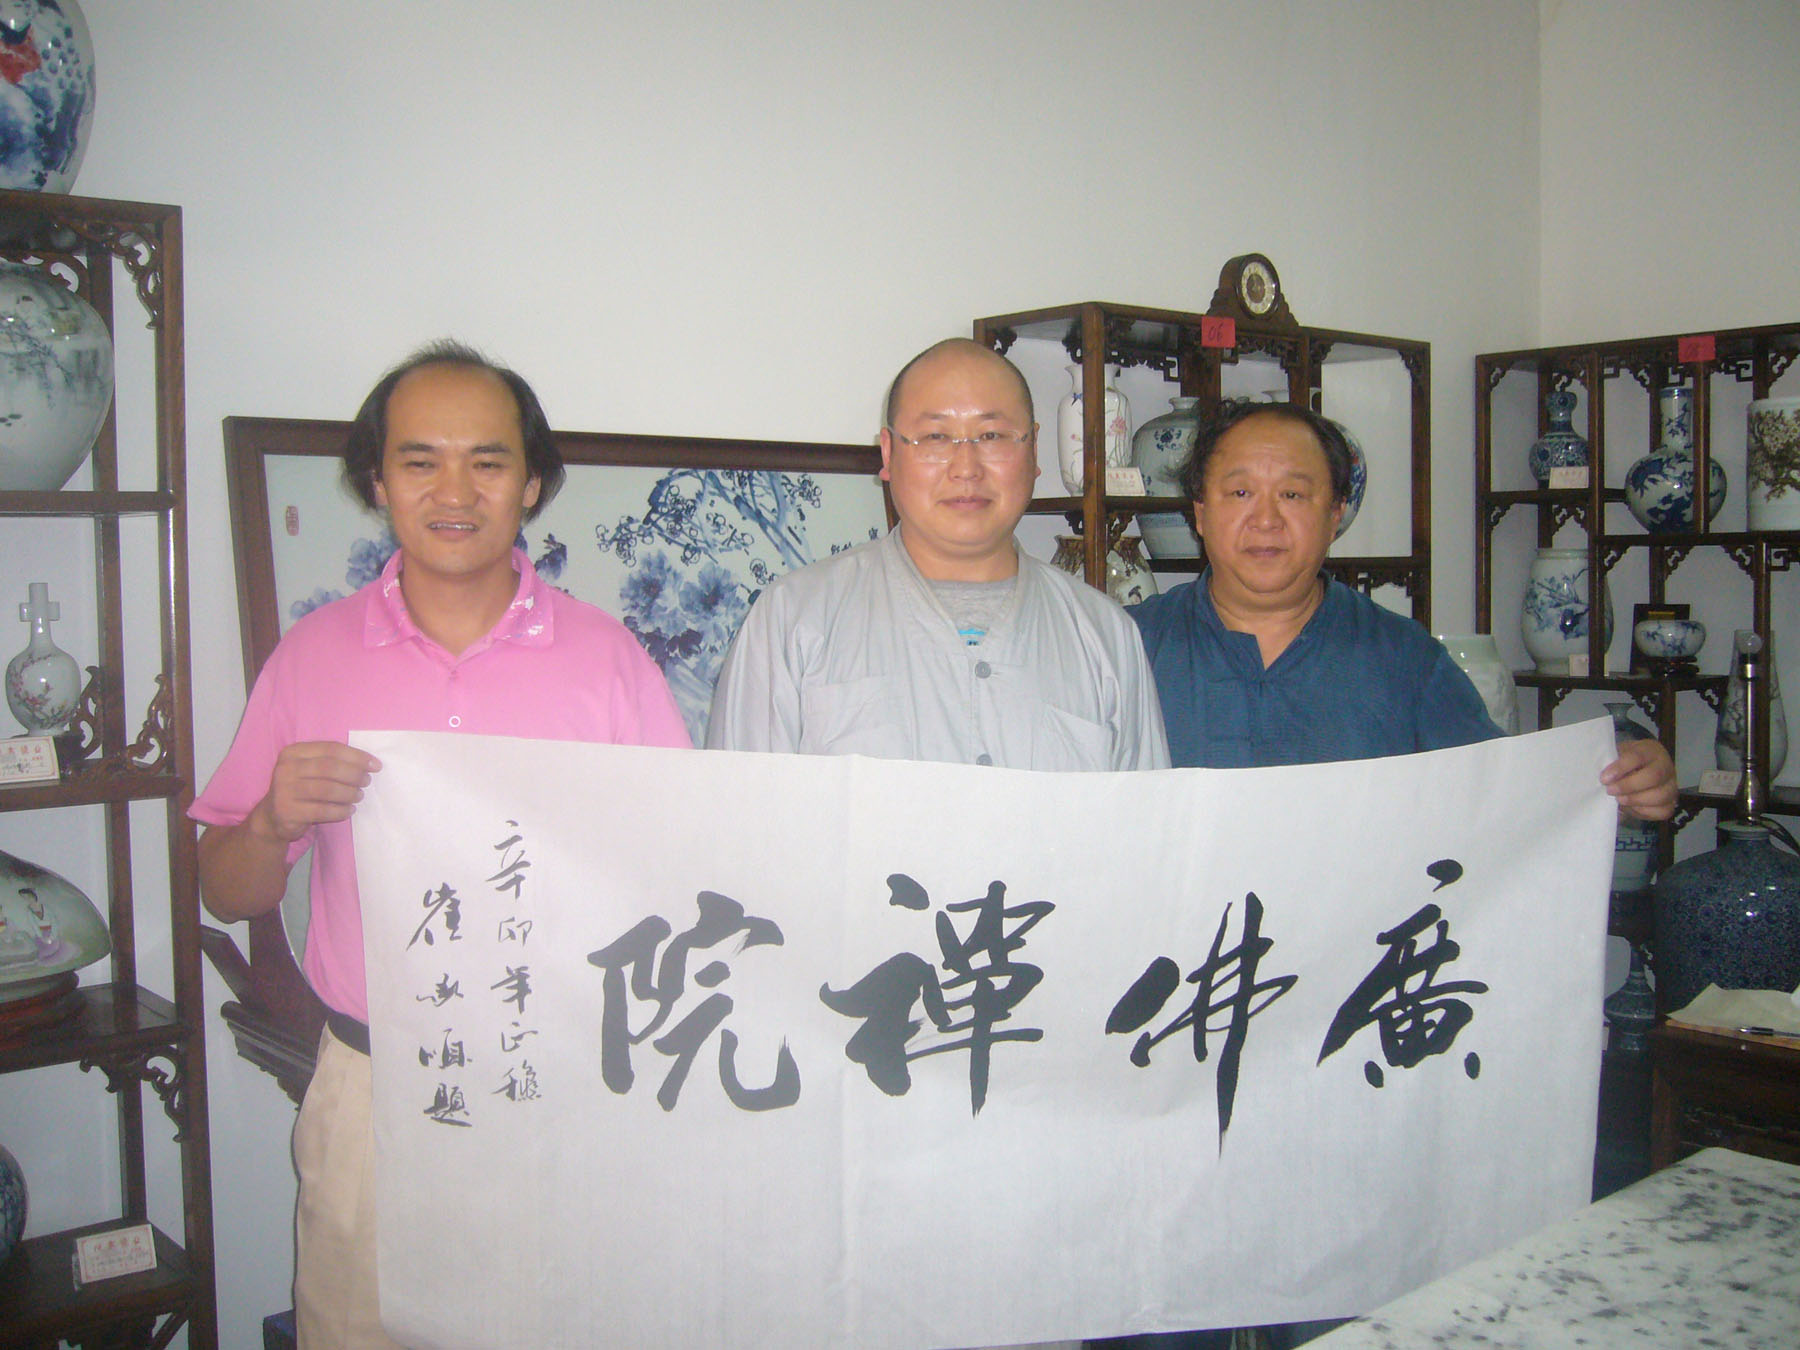 8月28日至9月1日应江西庐山广佛禅院了凡大师邀请,中国书画协会常务副图片